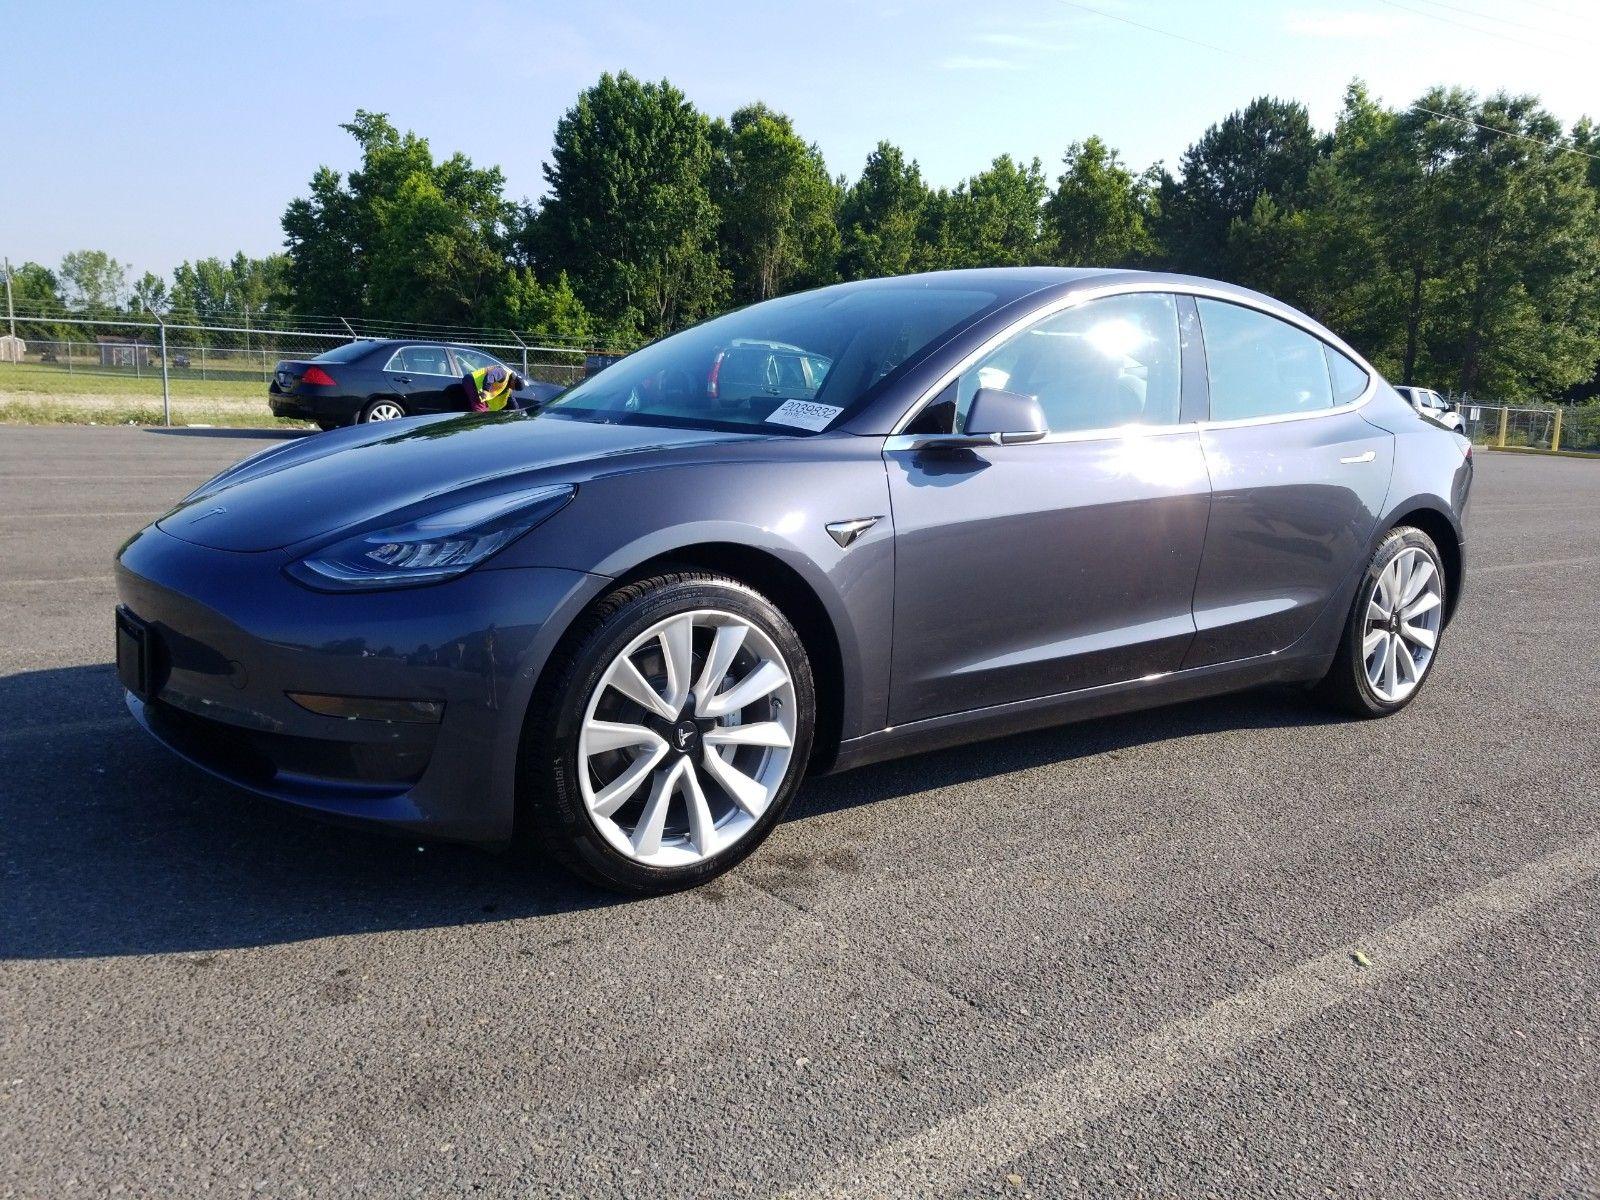 2019 Tesla Model 3 . Lot 99912772974 Vin 5YJ3E1EA7KF315016